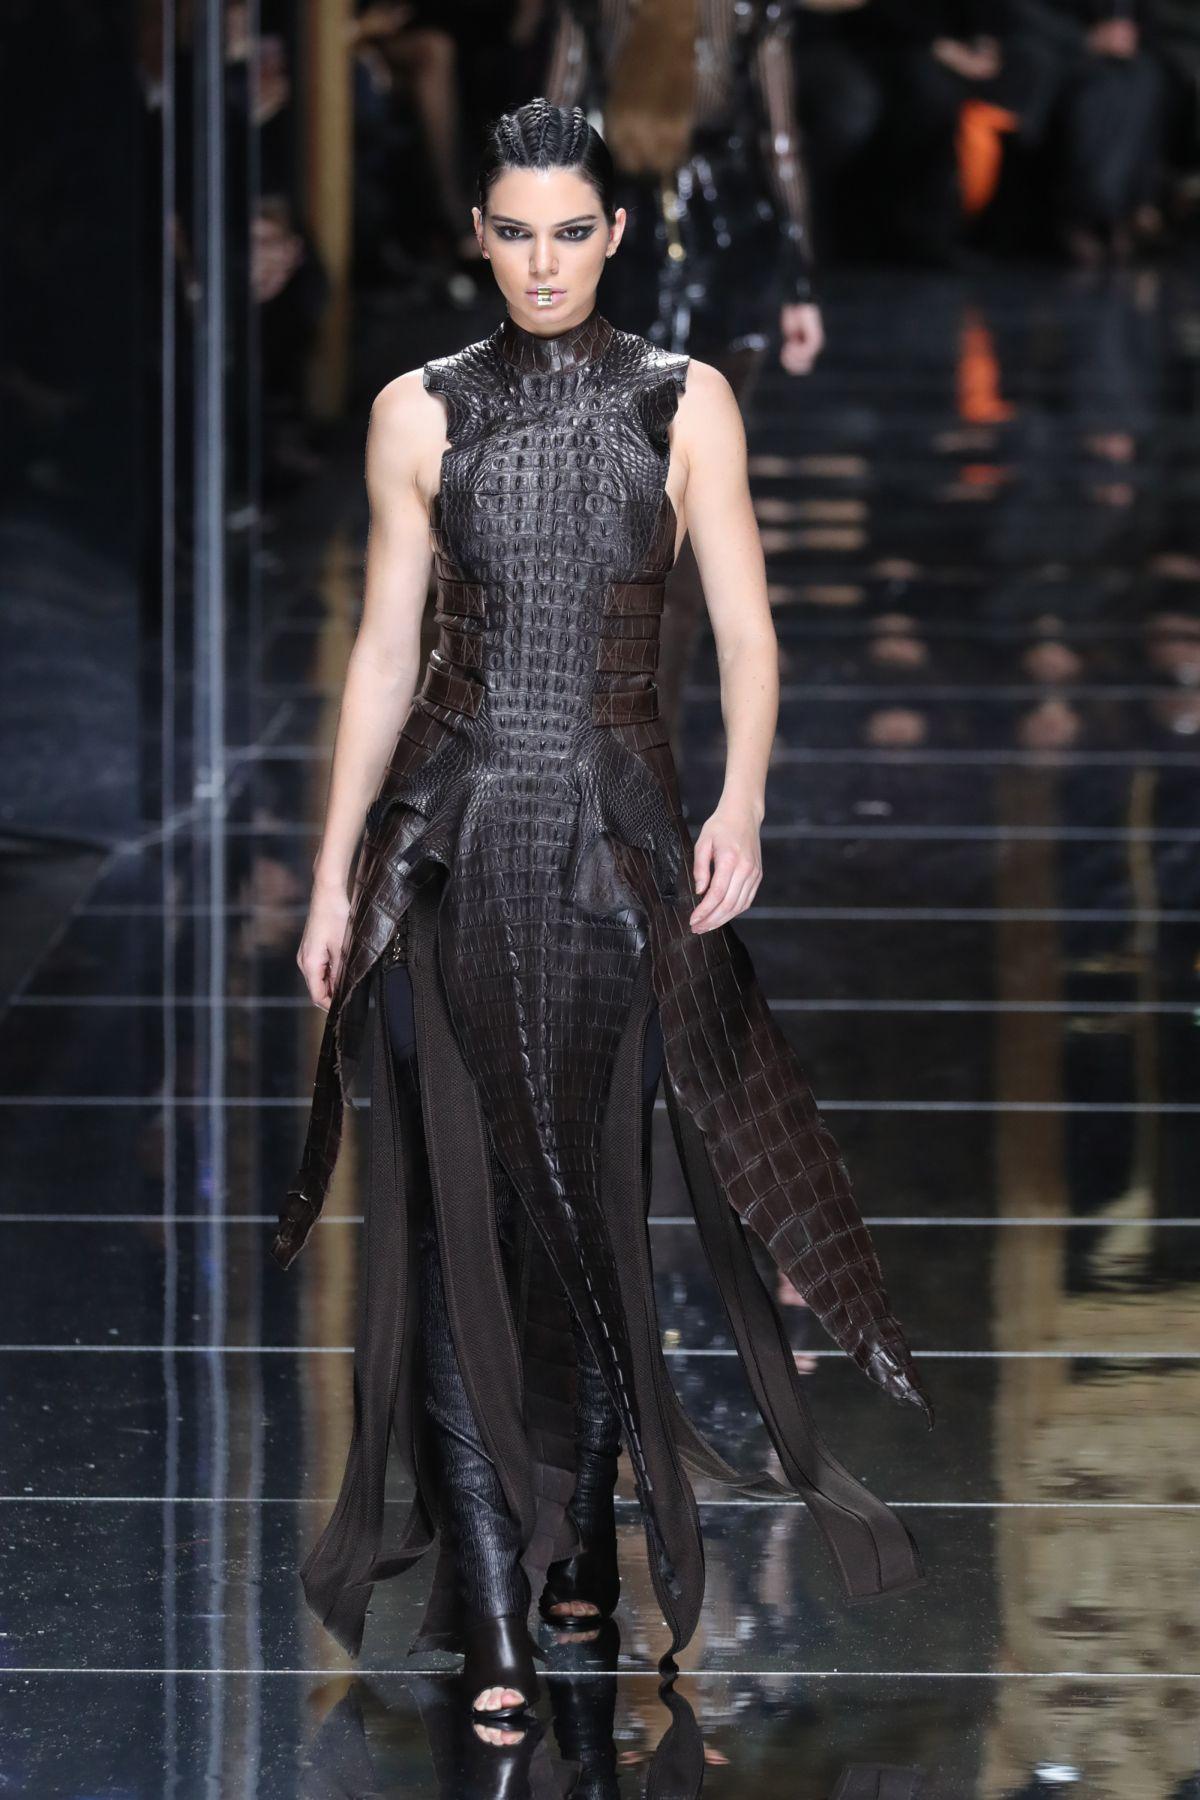 Kendall Jenner At Balmain Fashion Show At Paris Fashion